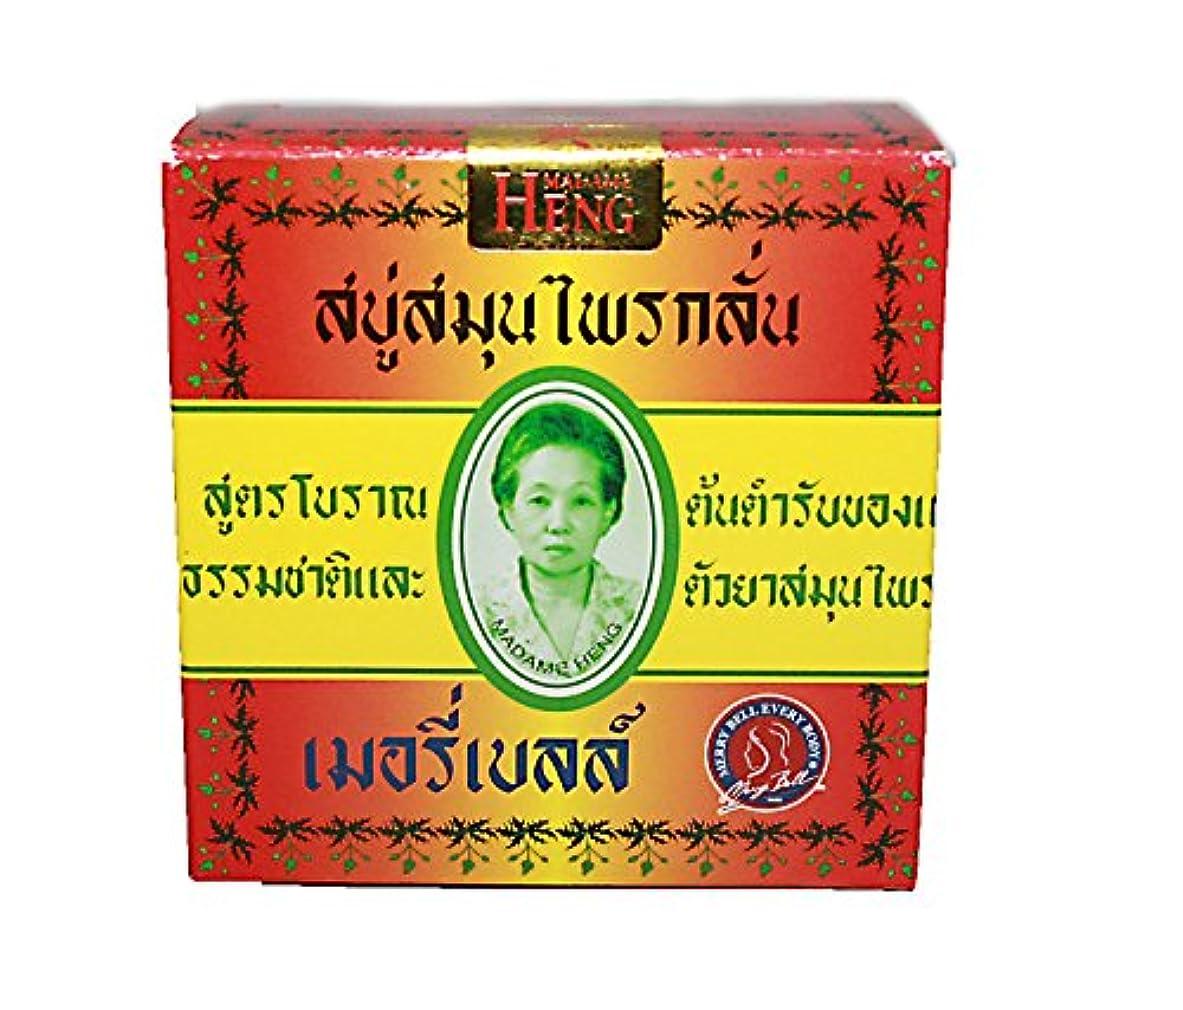 推論請う言うまでもなくMADAME HENG NATURAL SOAP BAR MERRY BELL ORIGINAL THAI (net wt 5.64 OZ.or 160g.) by onefeelgood shop